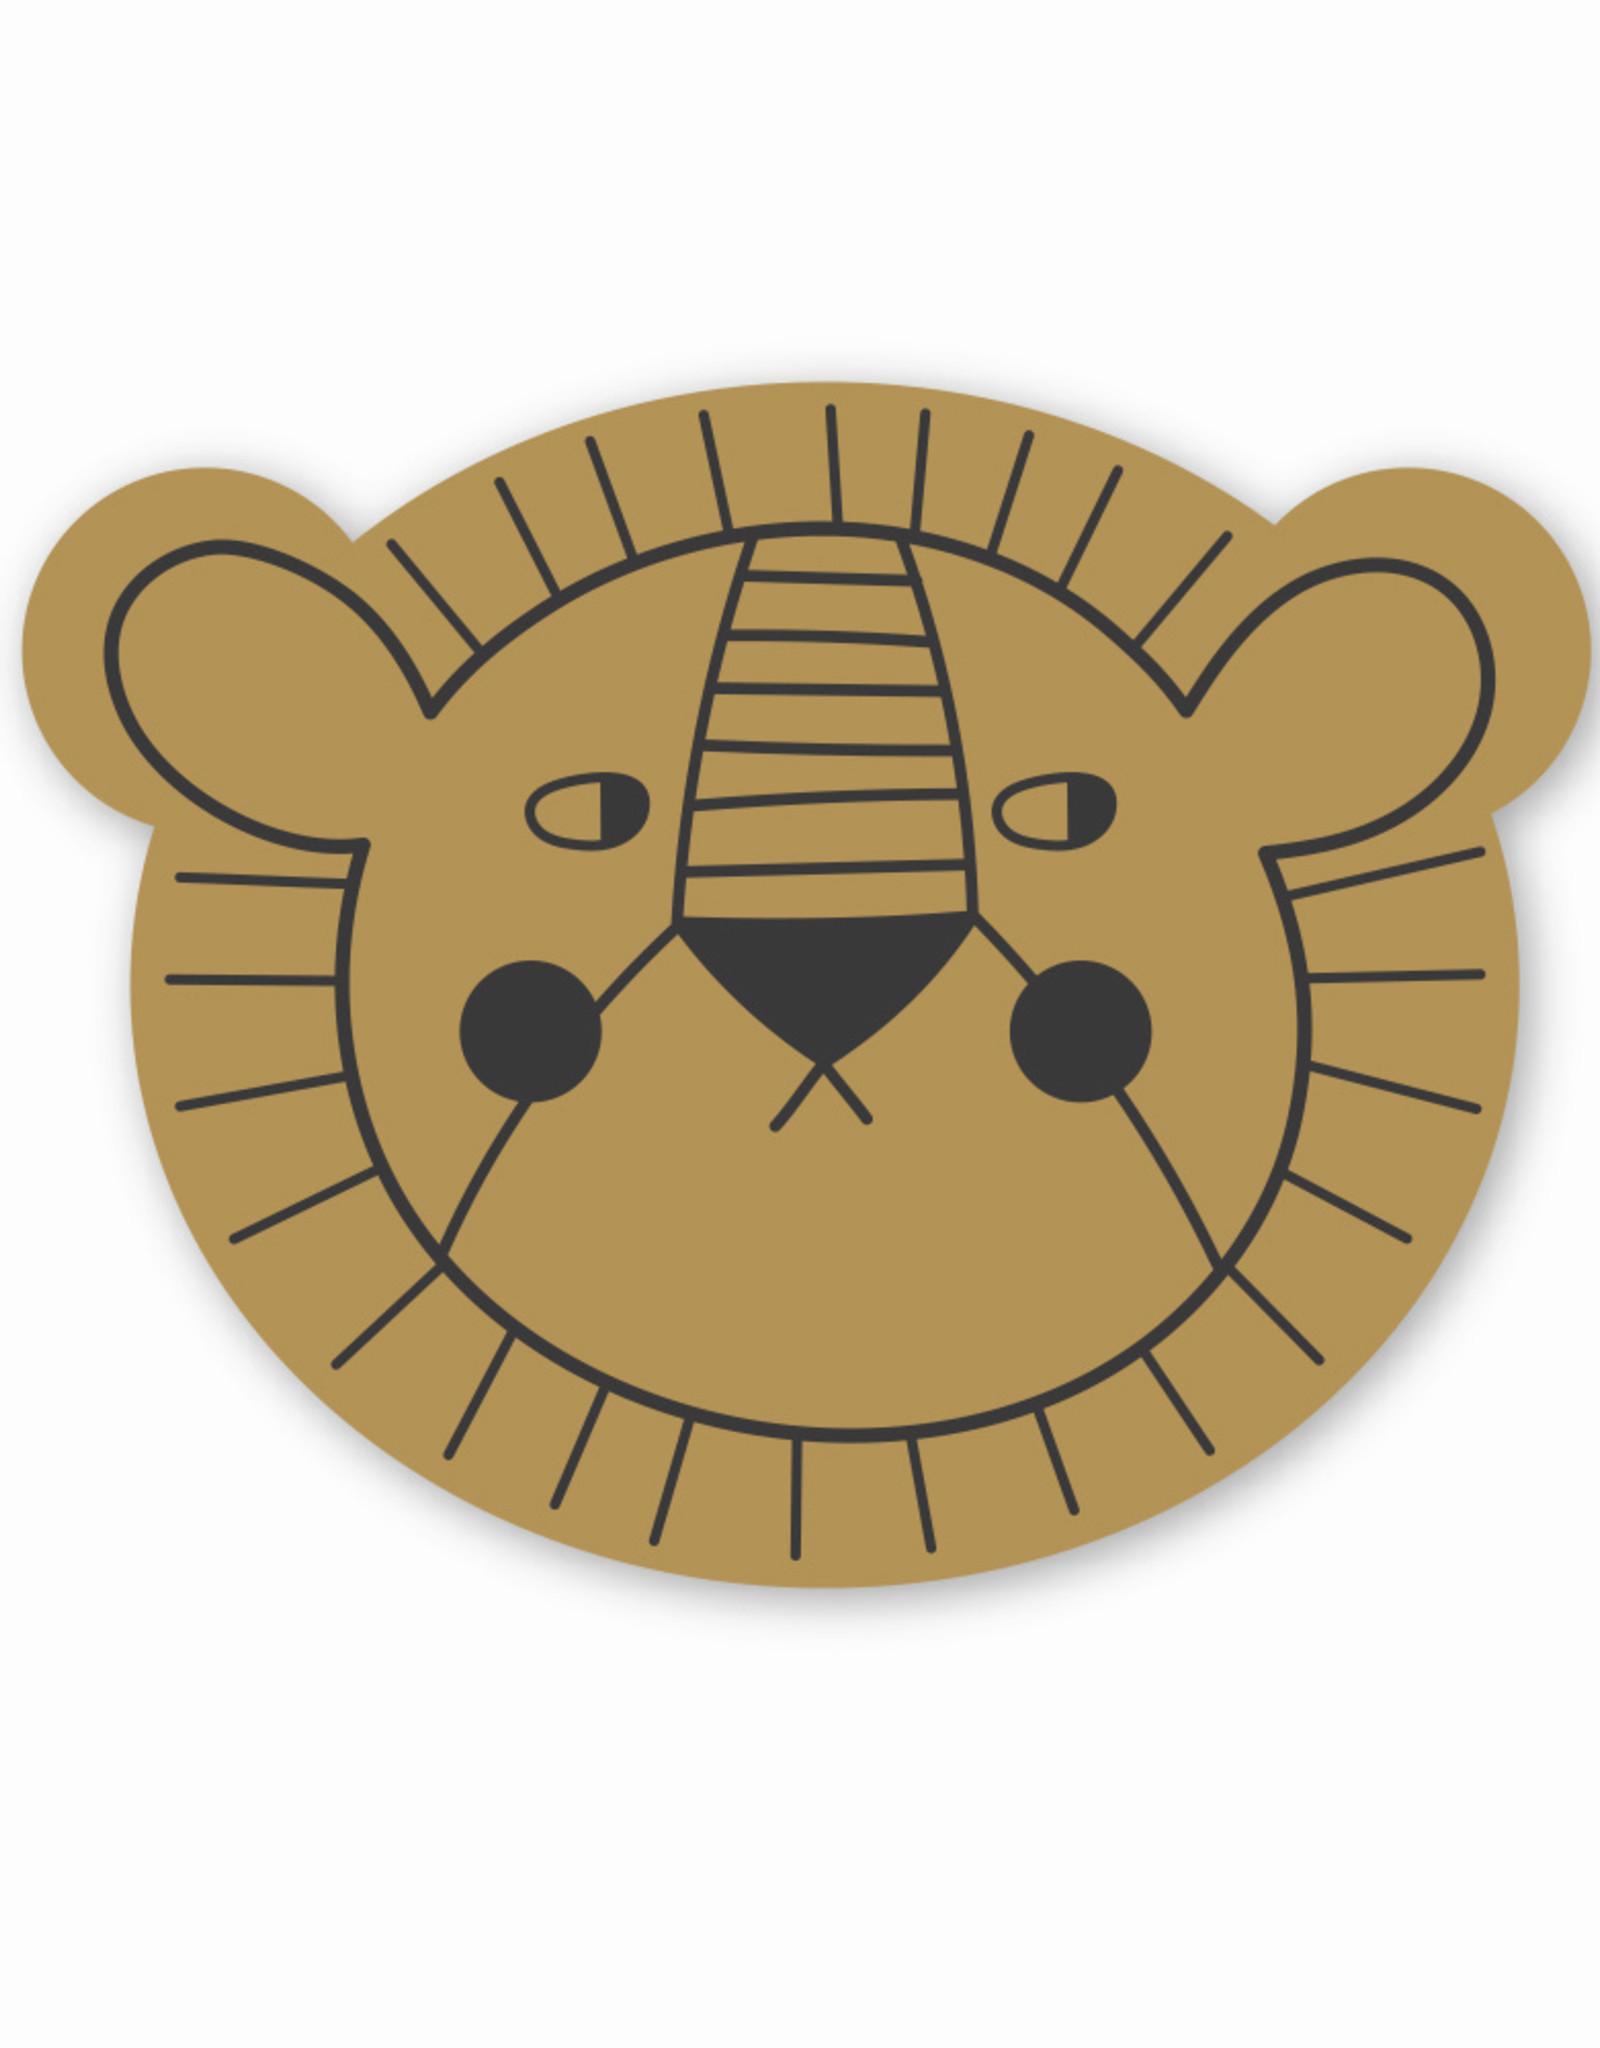 STUDIOLOCO Placemat Mr lion - Studio Loco